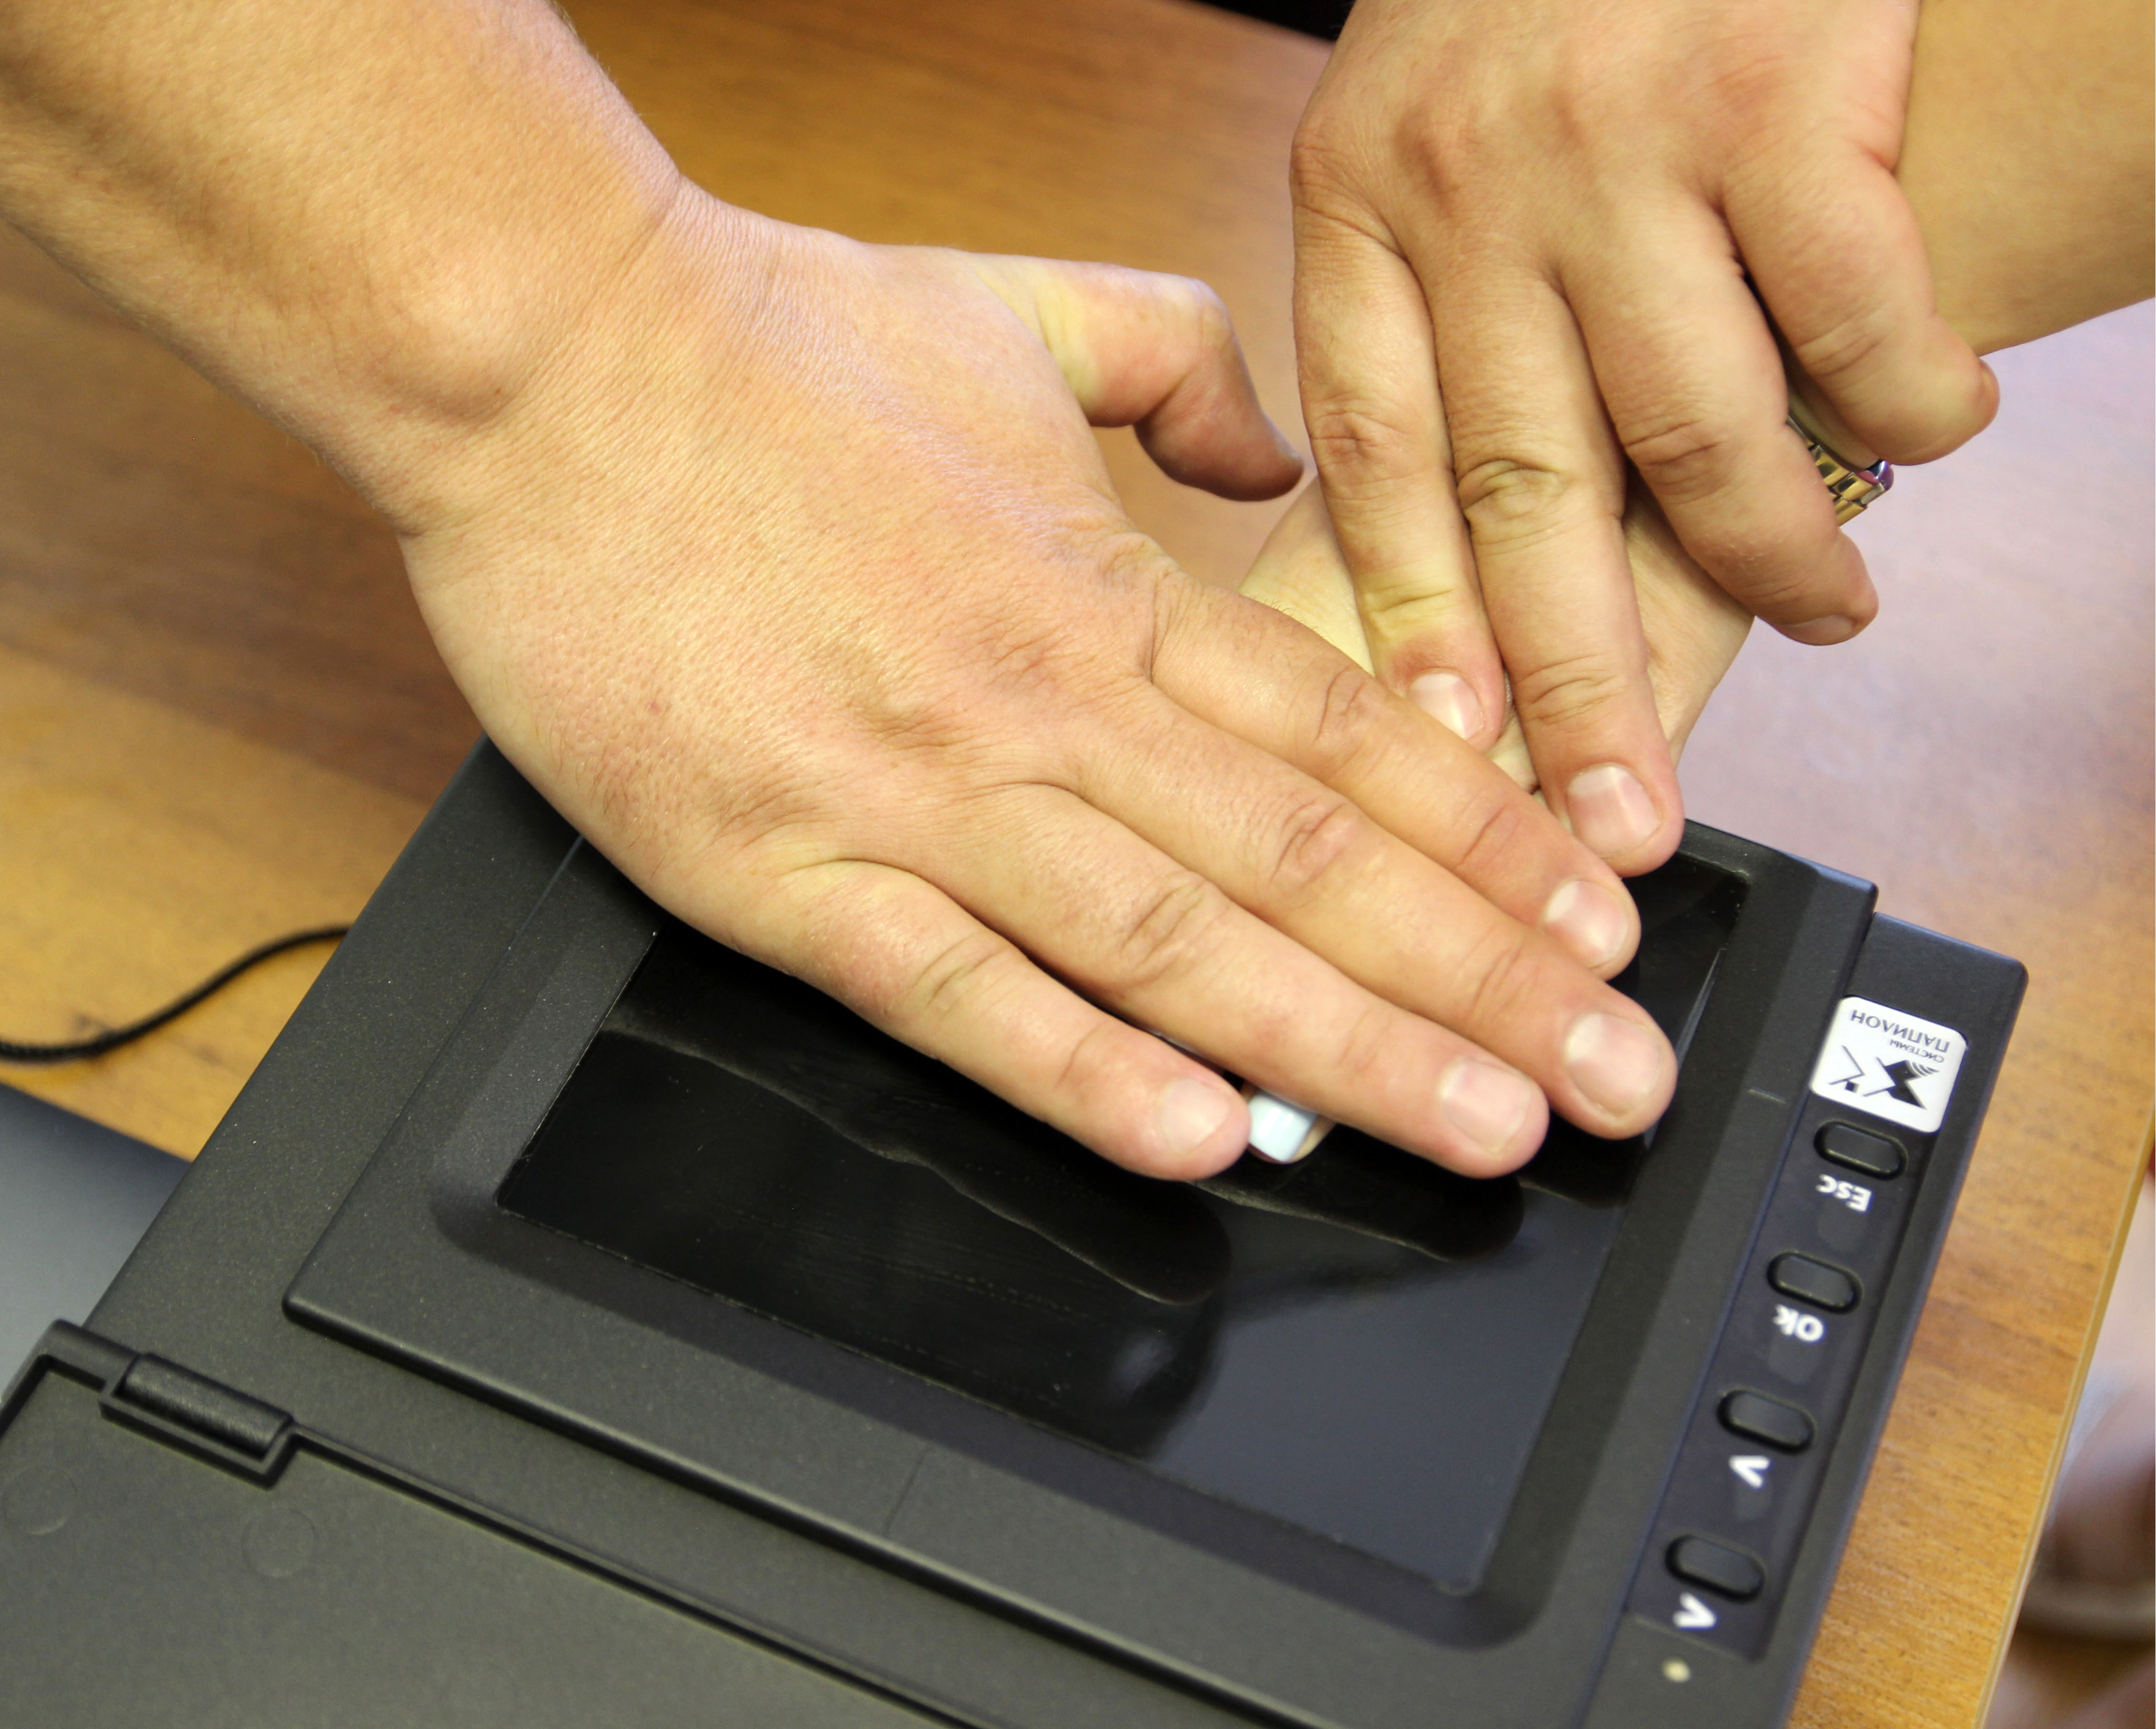 МВД отказалось от идеи хранить отпечатки пальцев россиян в базе данных до 100 лет